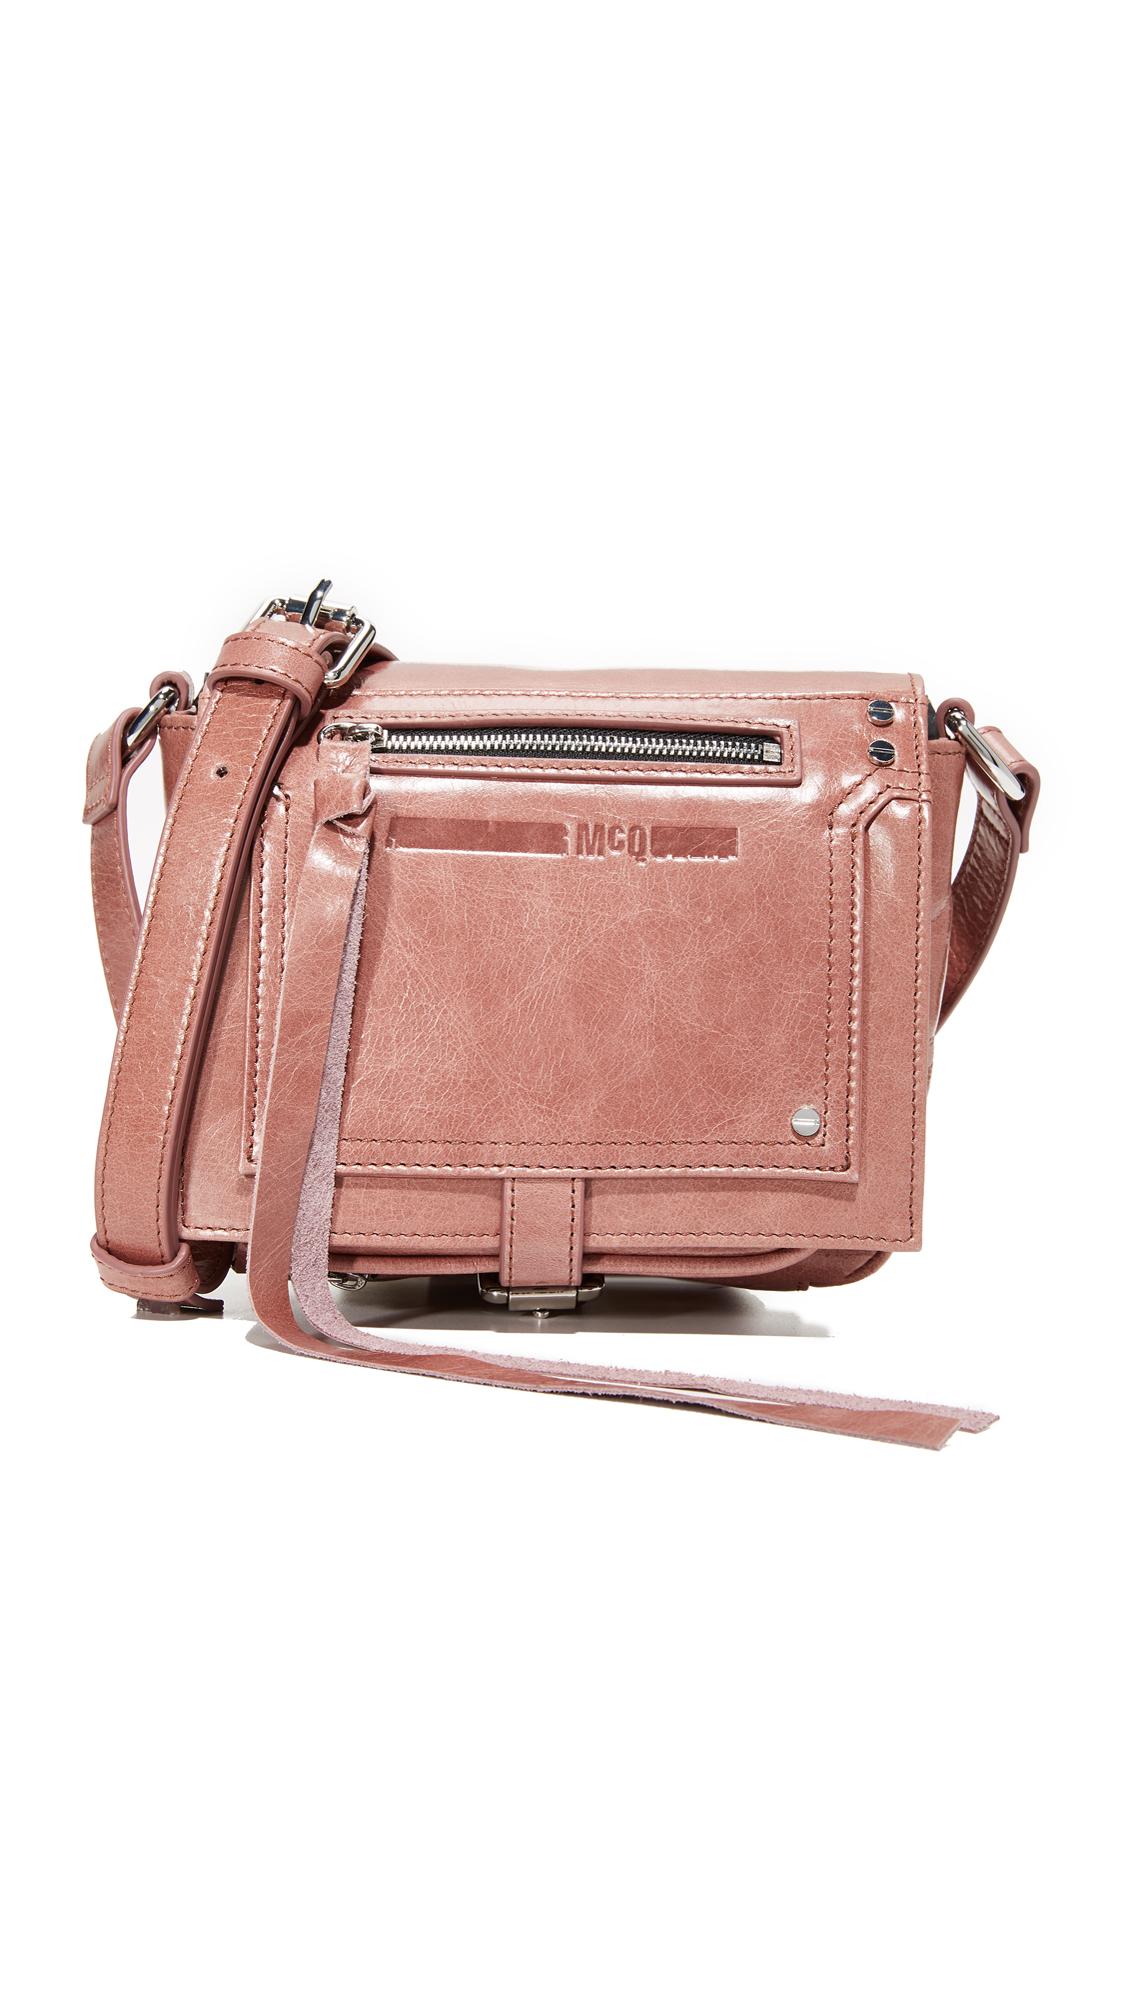 McQ - Alexander McQueen Biker Cross Body Bag - Dirty Pink